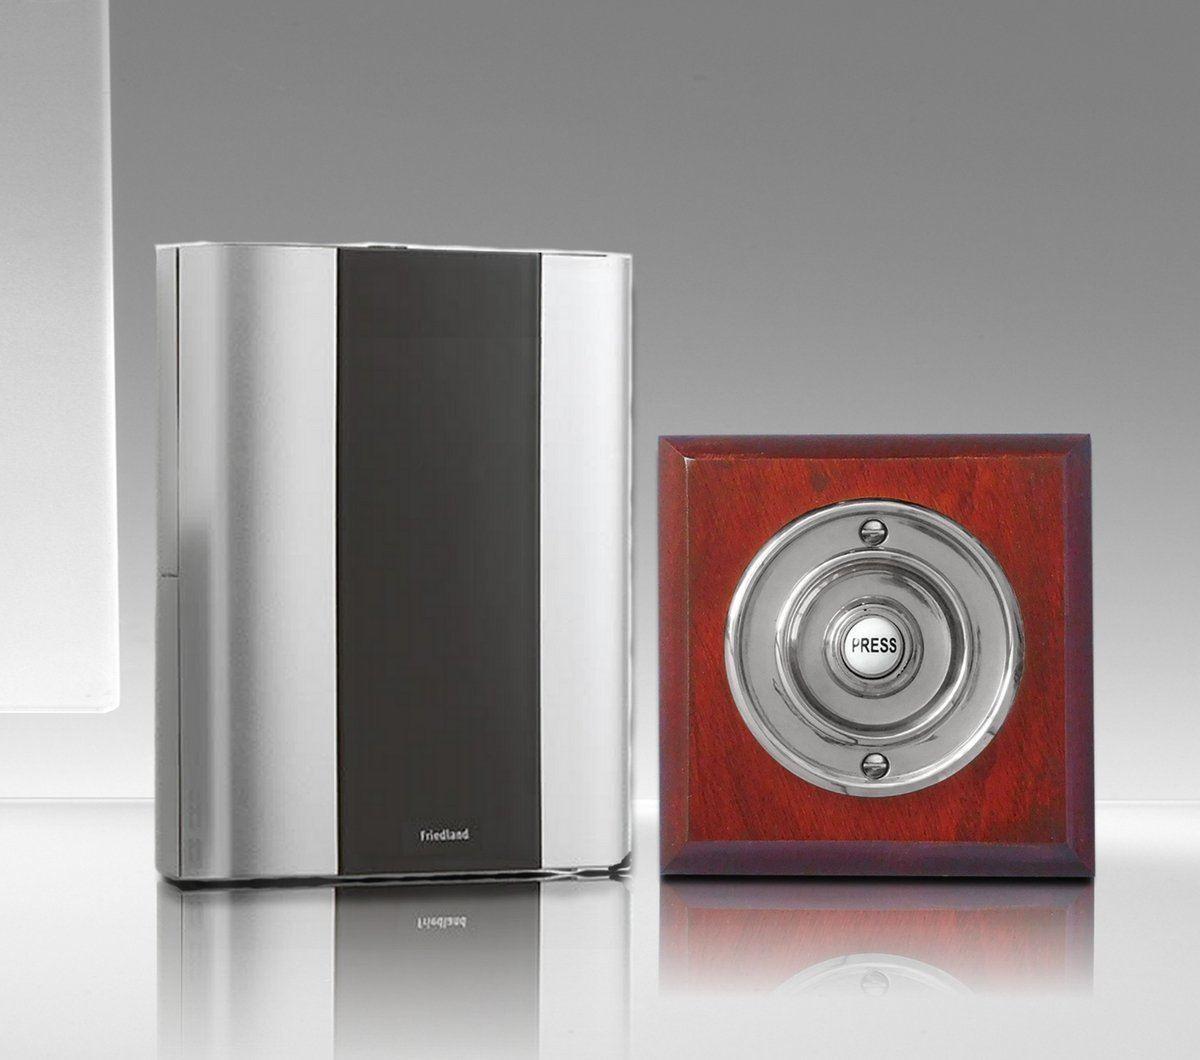 Friedland Libra+ Classic 100m Wireless Doorbell kit with Wireless Period Chrome